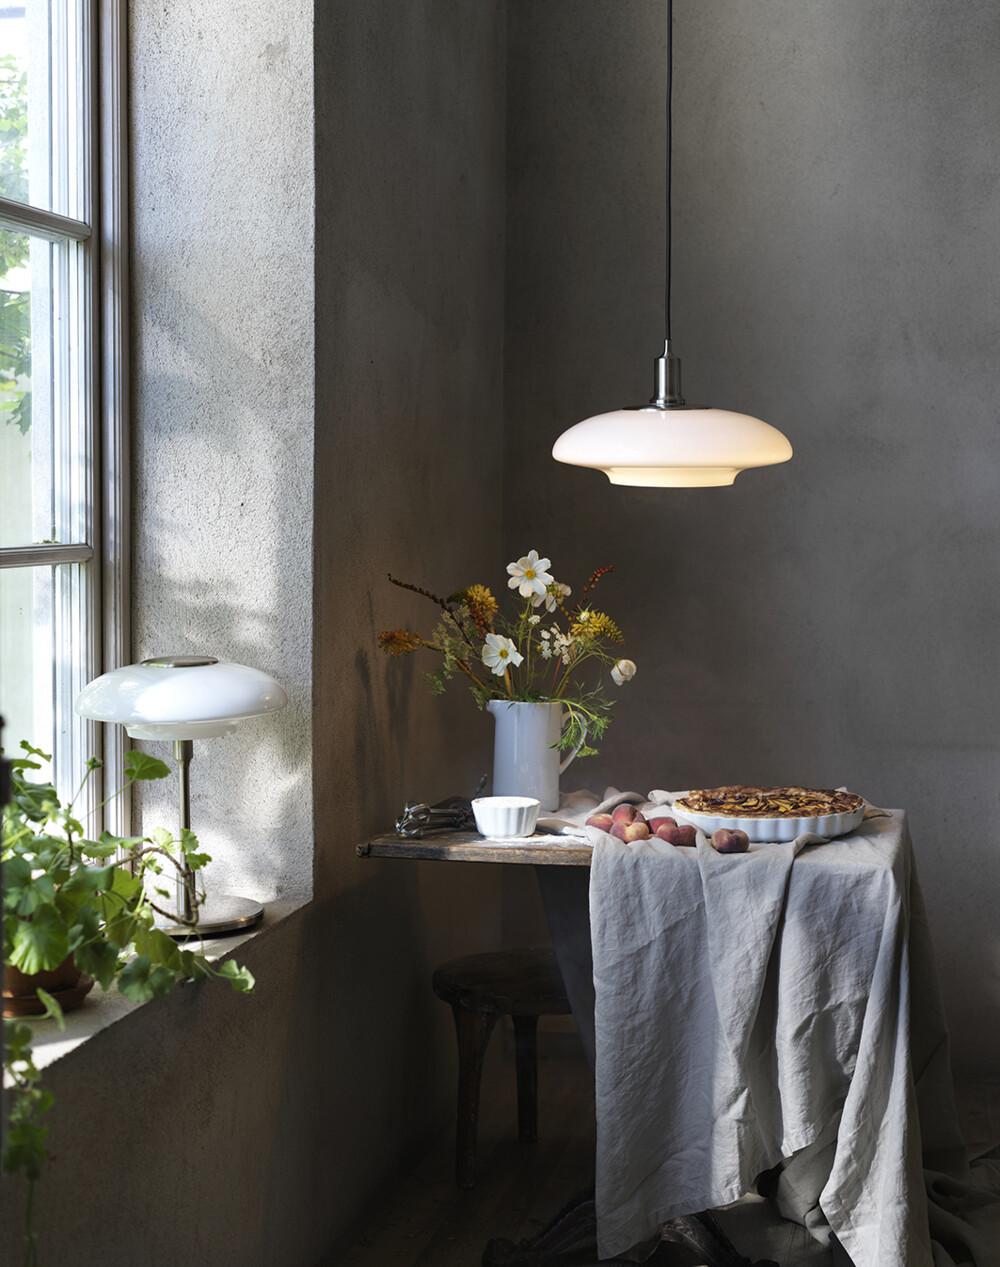 IKEA TALLBYN taklampa PH16759